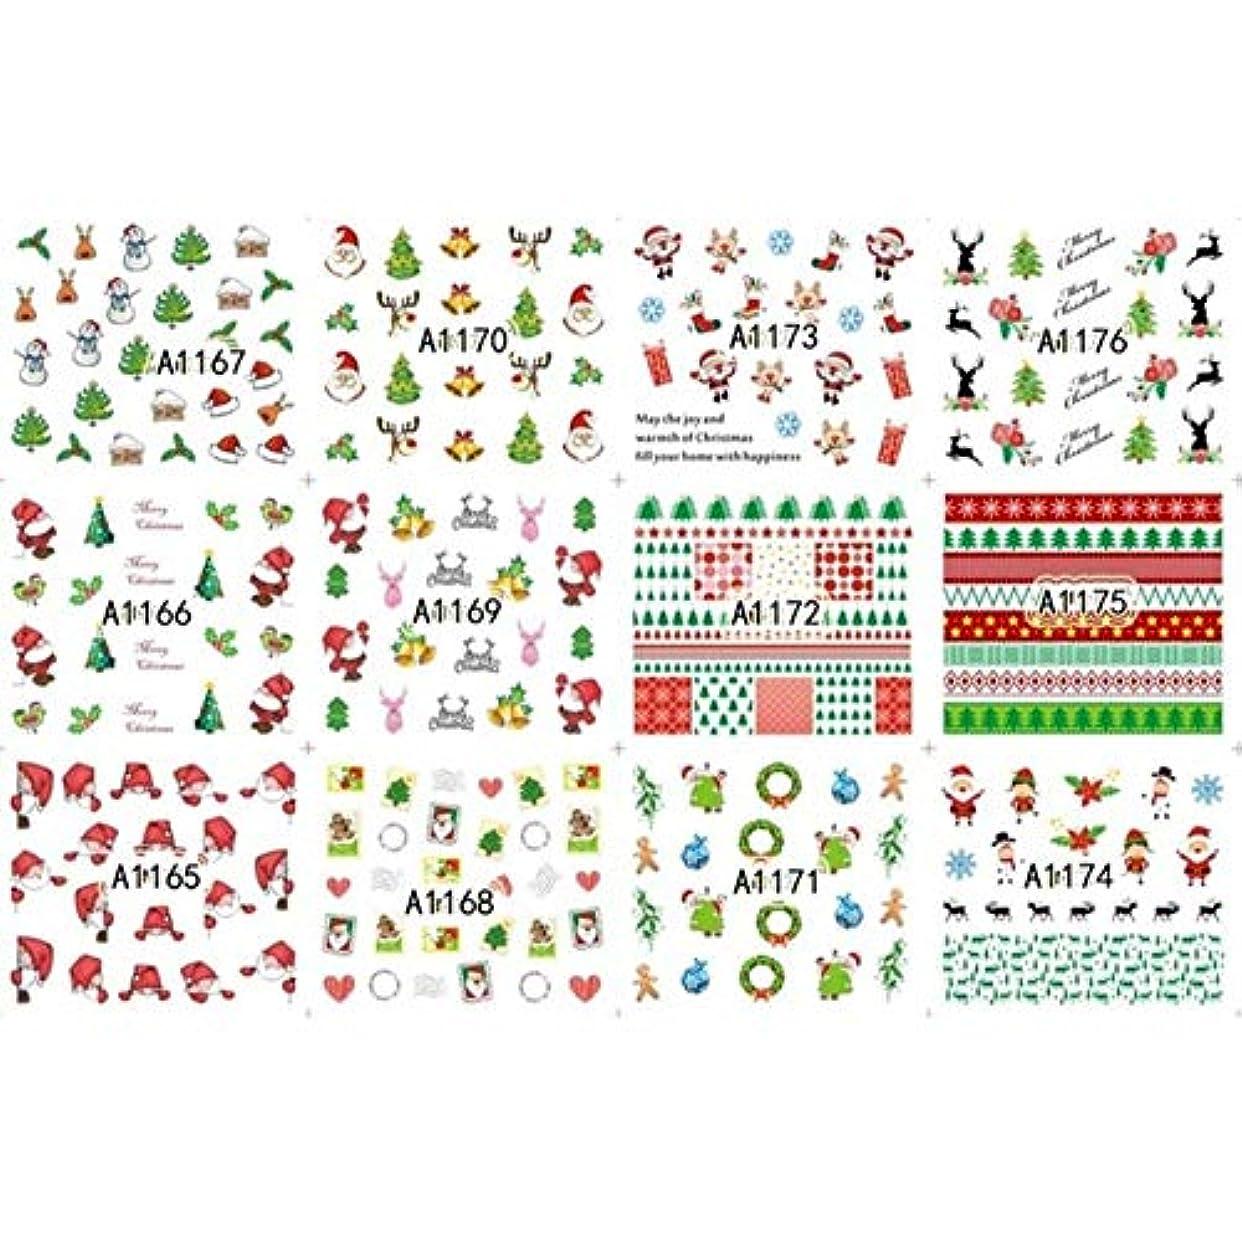 悪意のある壁紙ホーン12枚美容ハロウィンクリスマス水転写ネイルアートステッカーデカールネイルデコレーションマニキュアツールパンプキンスカルデザイン,8